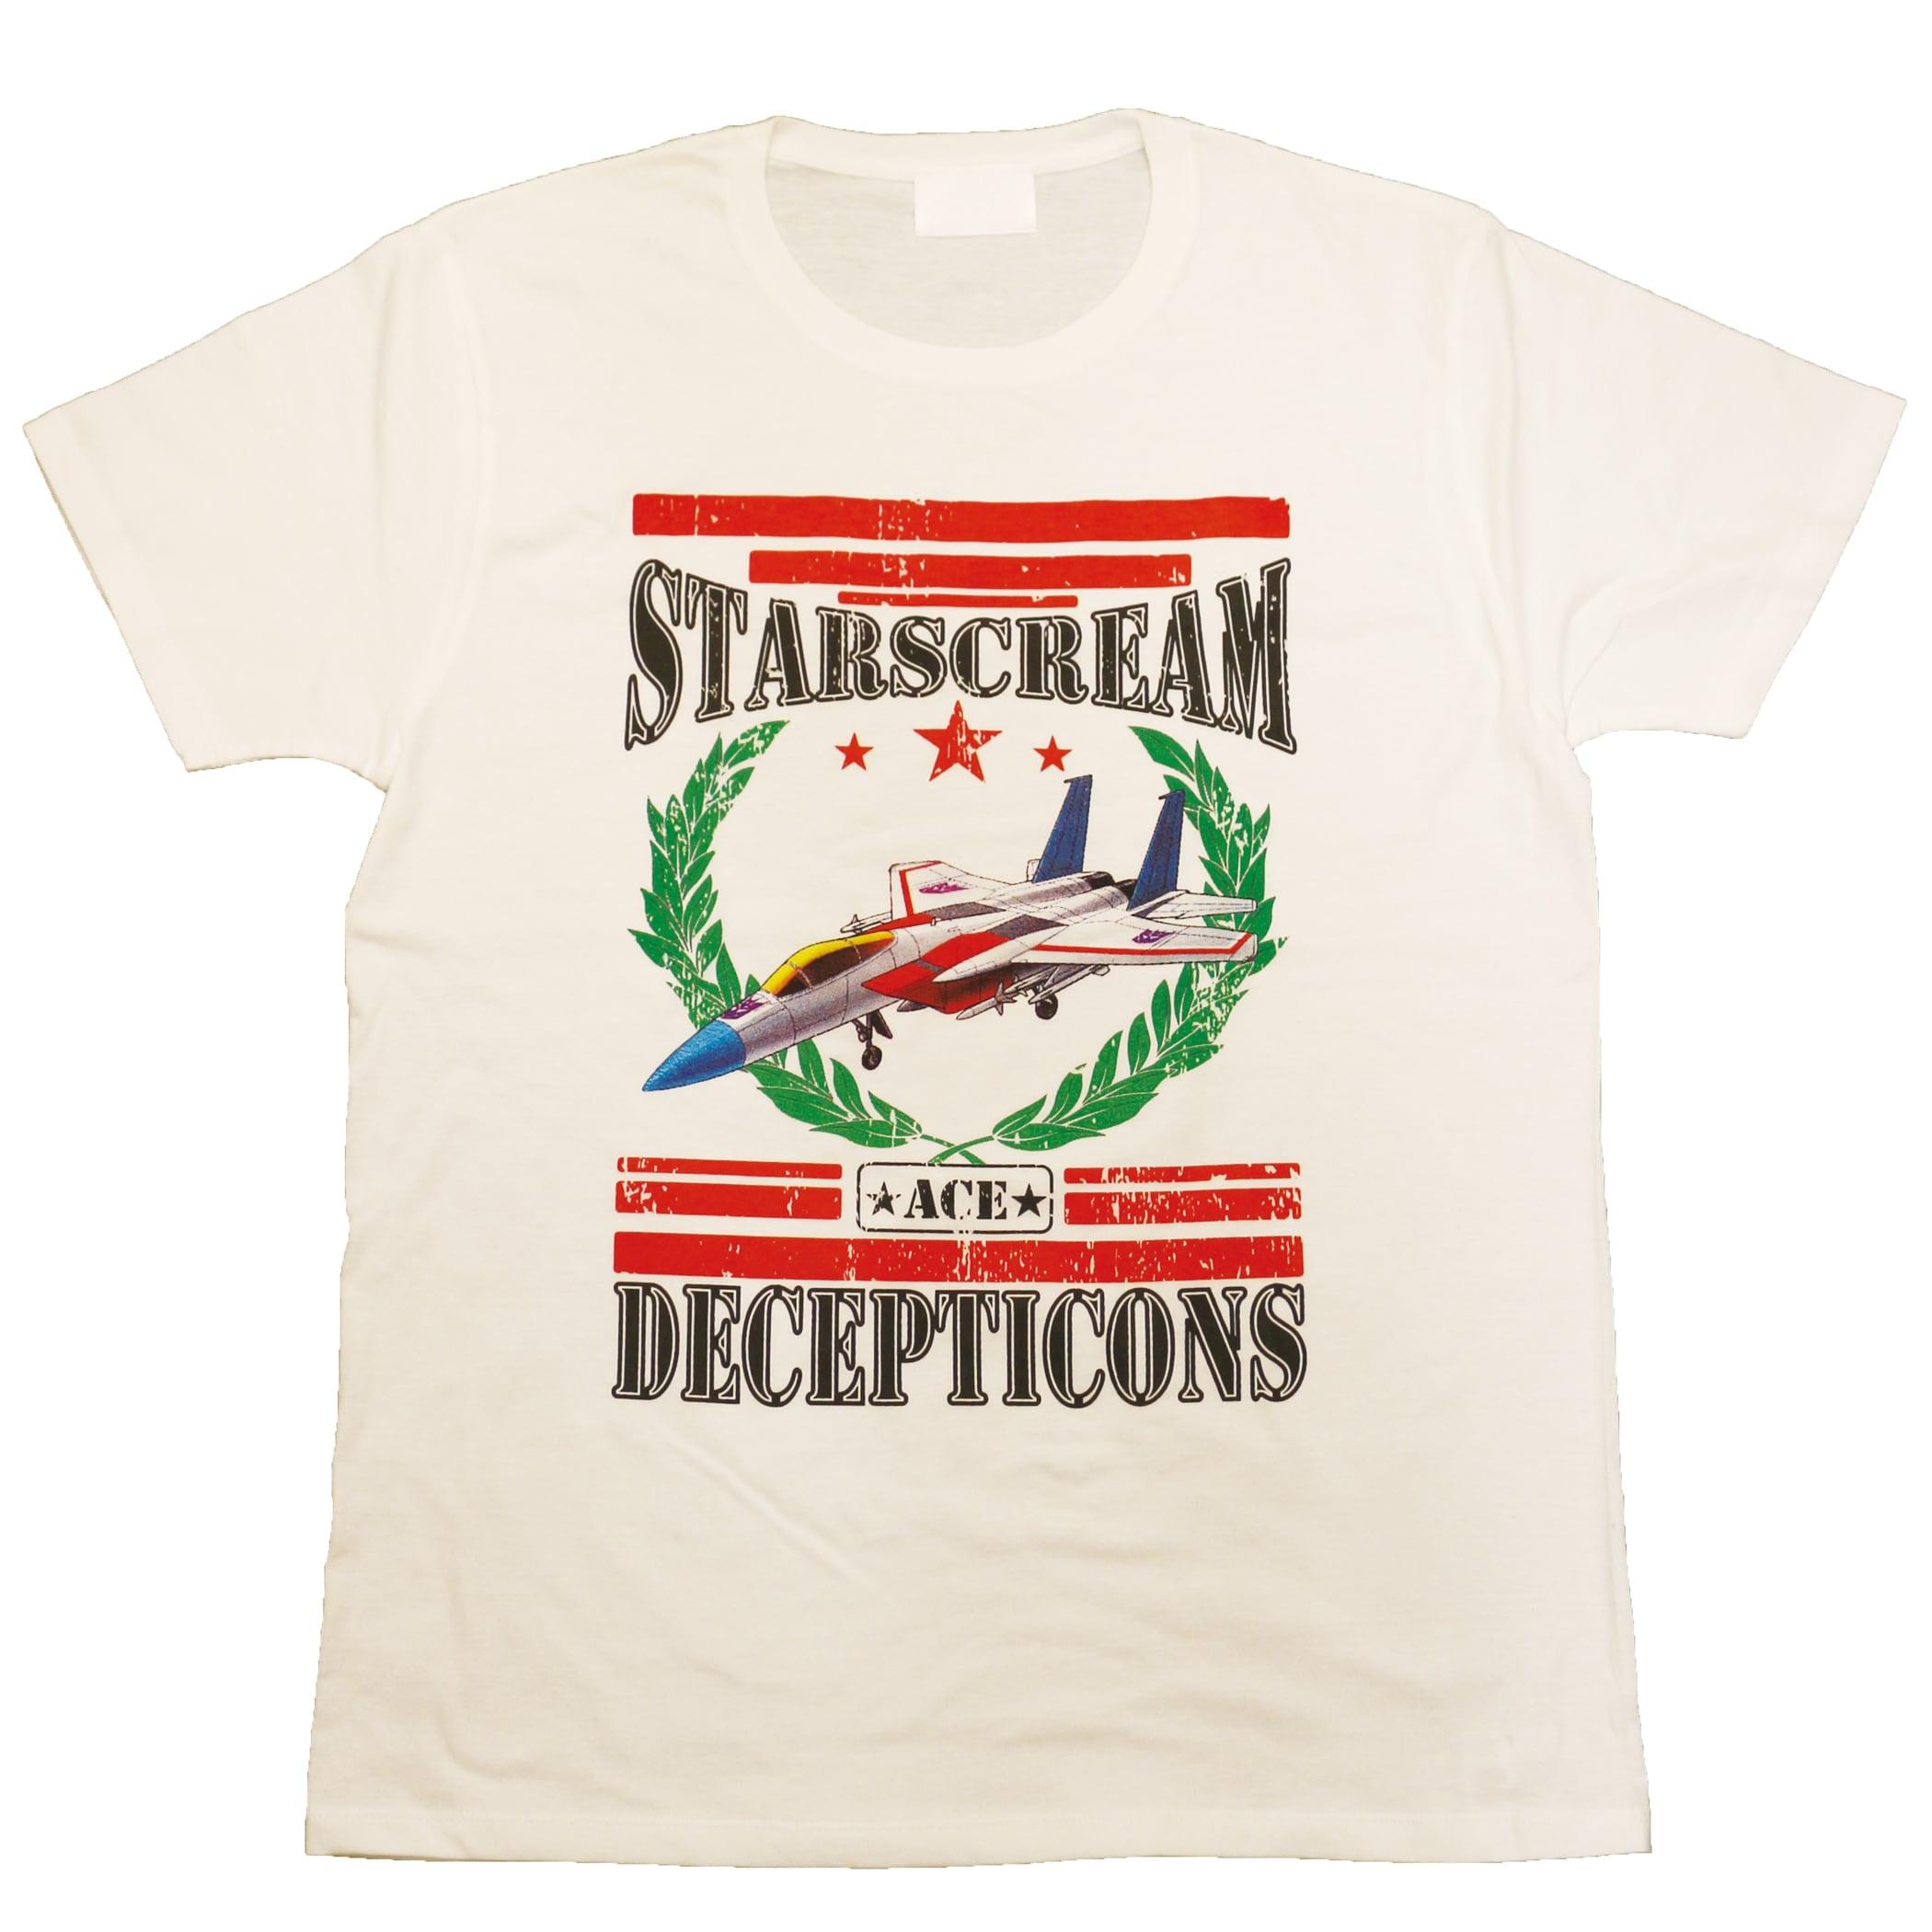 【トランスフォーマー】戦え!超ロボット生命体トランスフォーマー スタースクリームジェットモード Tシャツ(再販版)